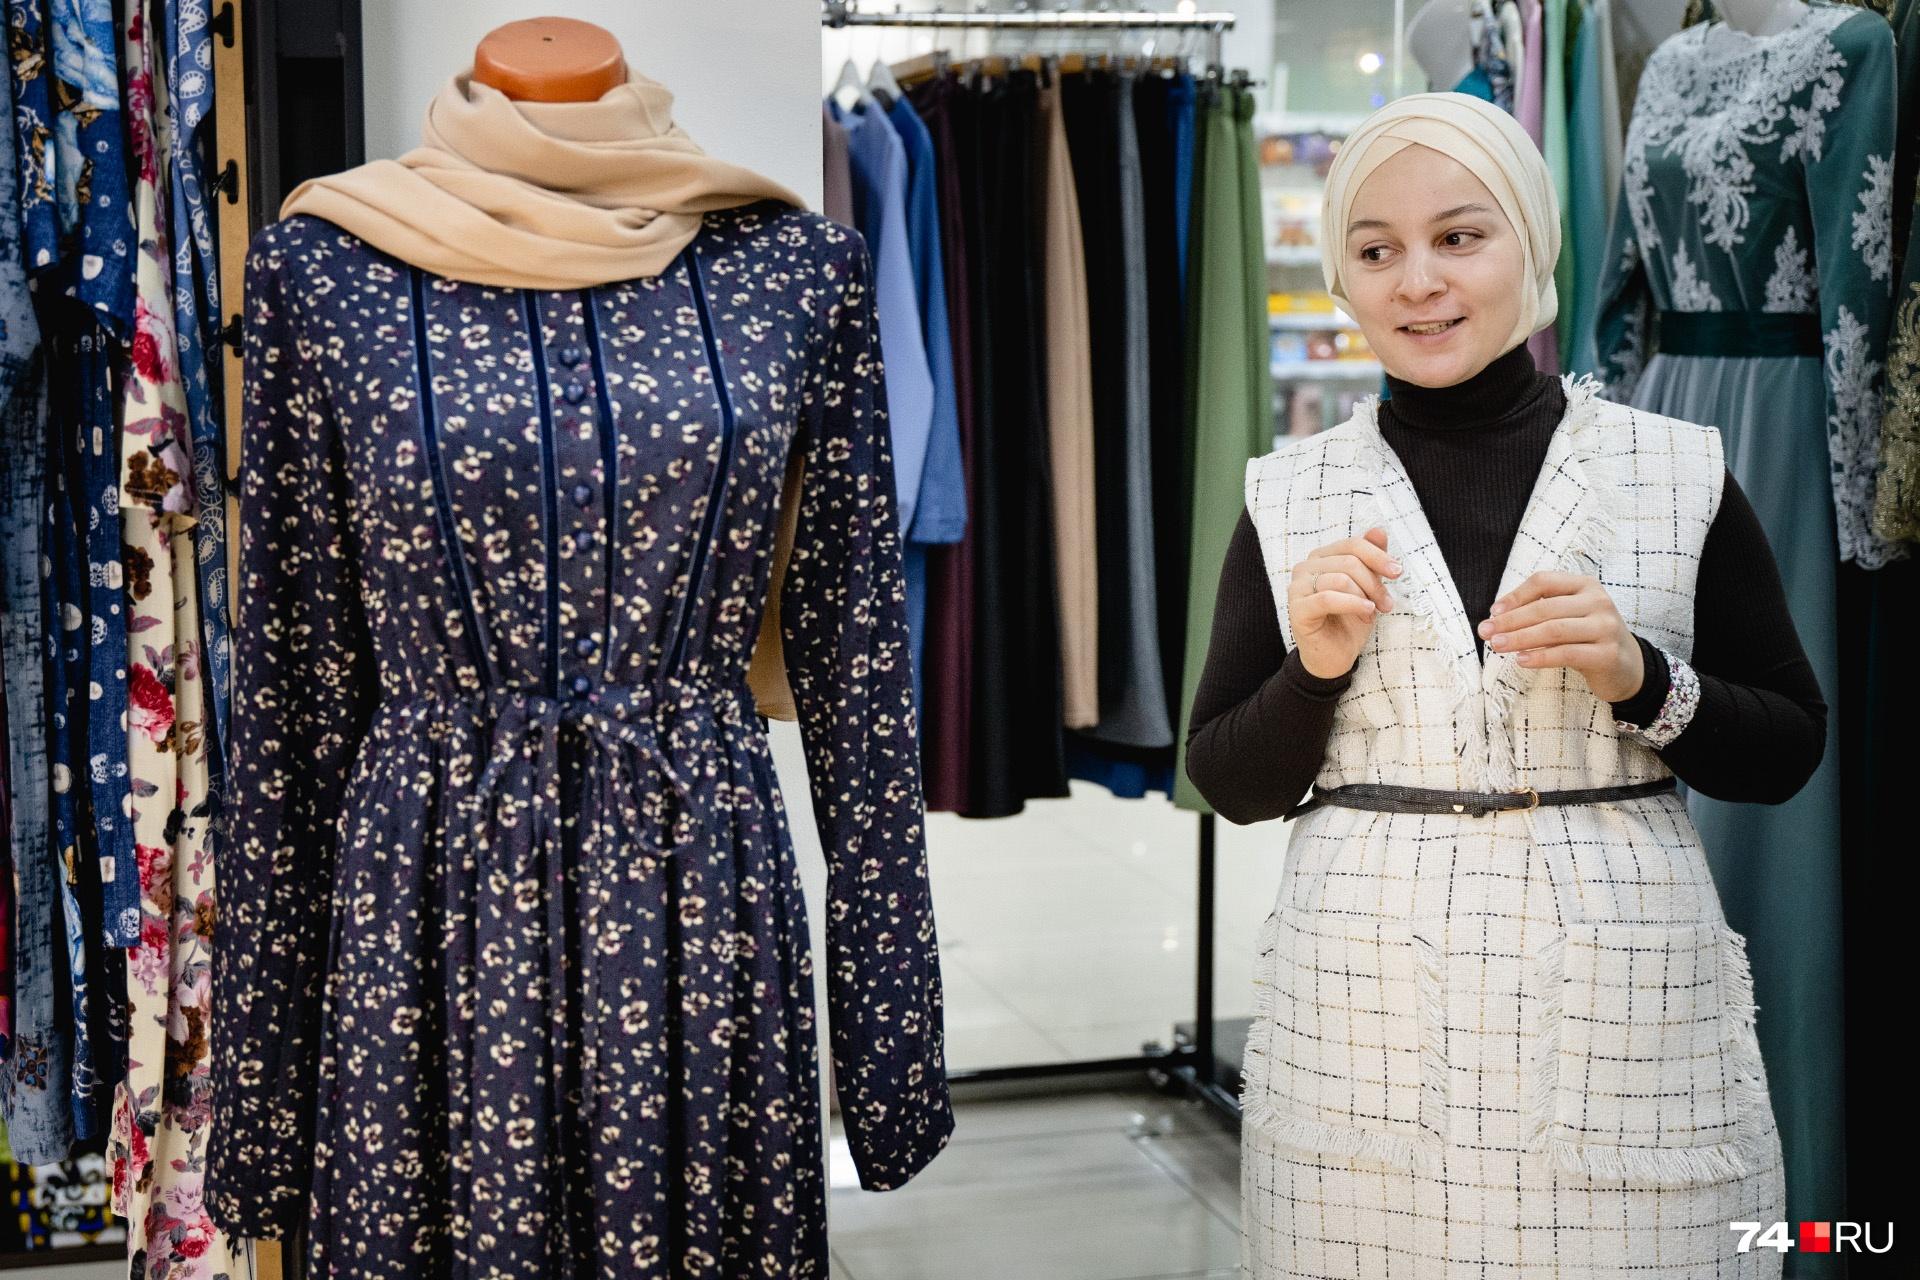 Летом закрытая одежда мусульманок смотрится ещё более непривычно, но лёгкие ткани и свободный покрой помогают пережить даже самую сильную жару